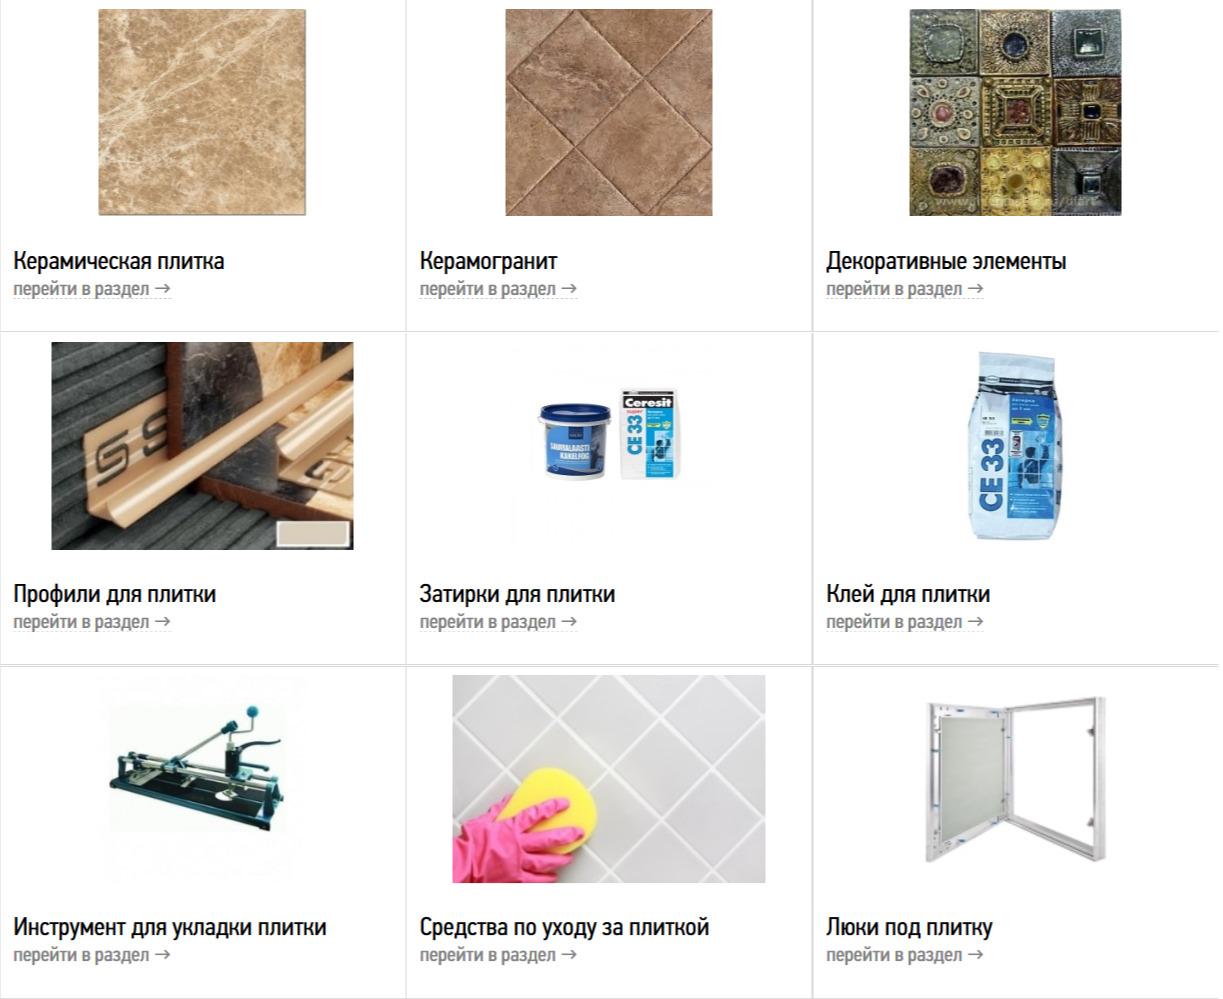 брянск сантехника официальный сайт каталог товаров